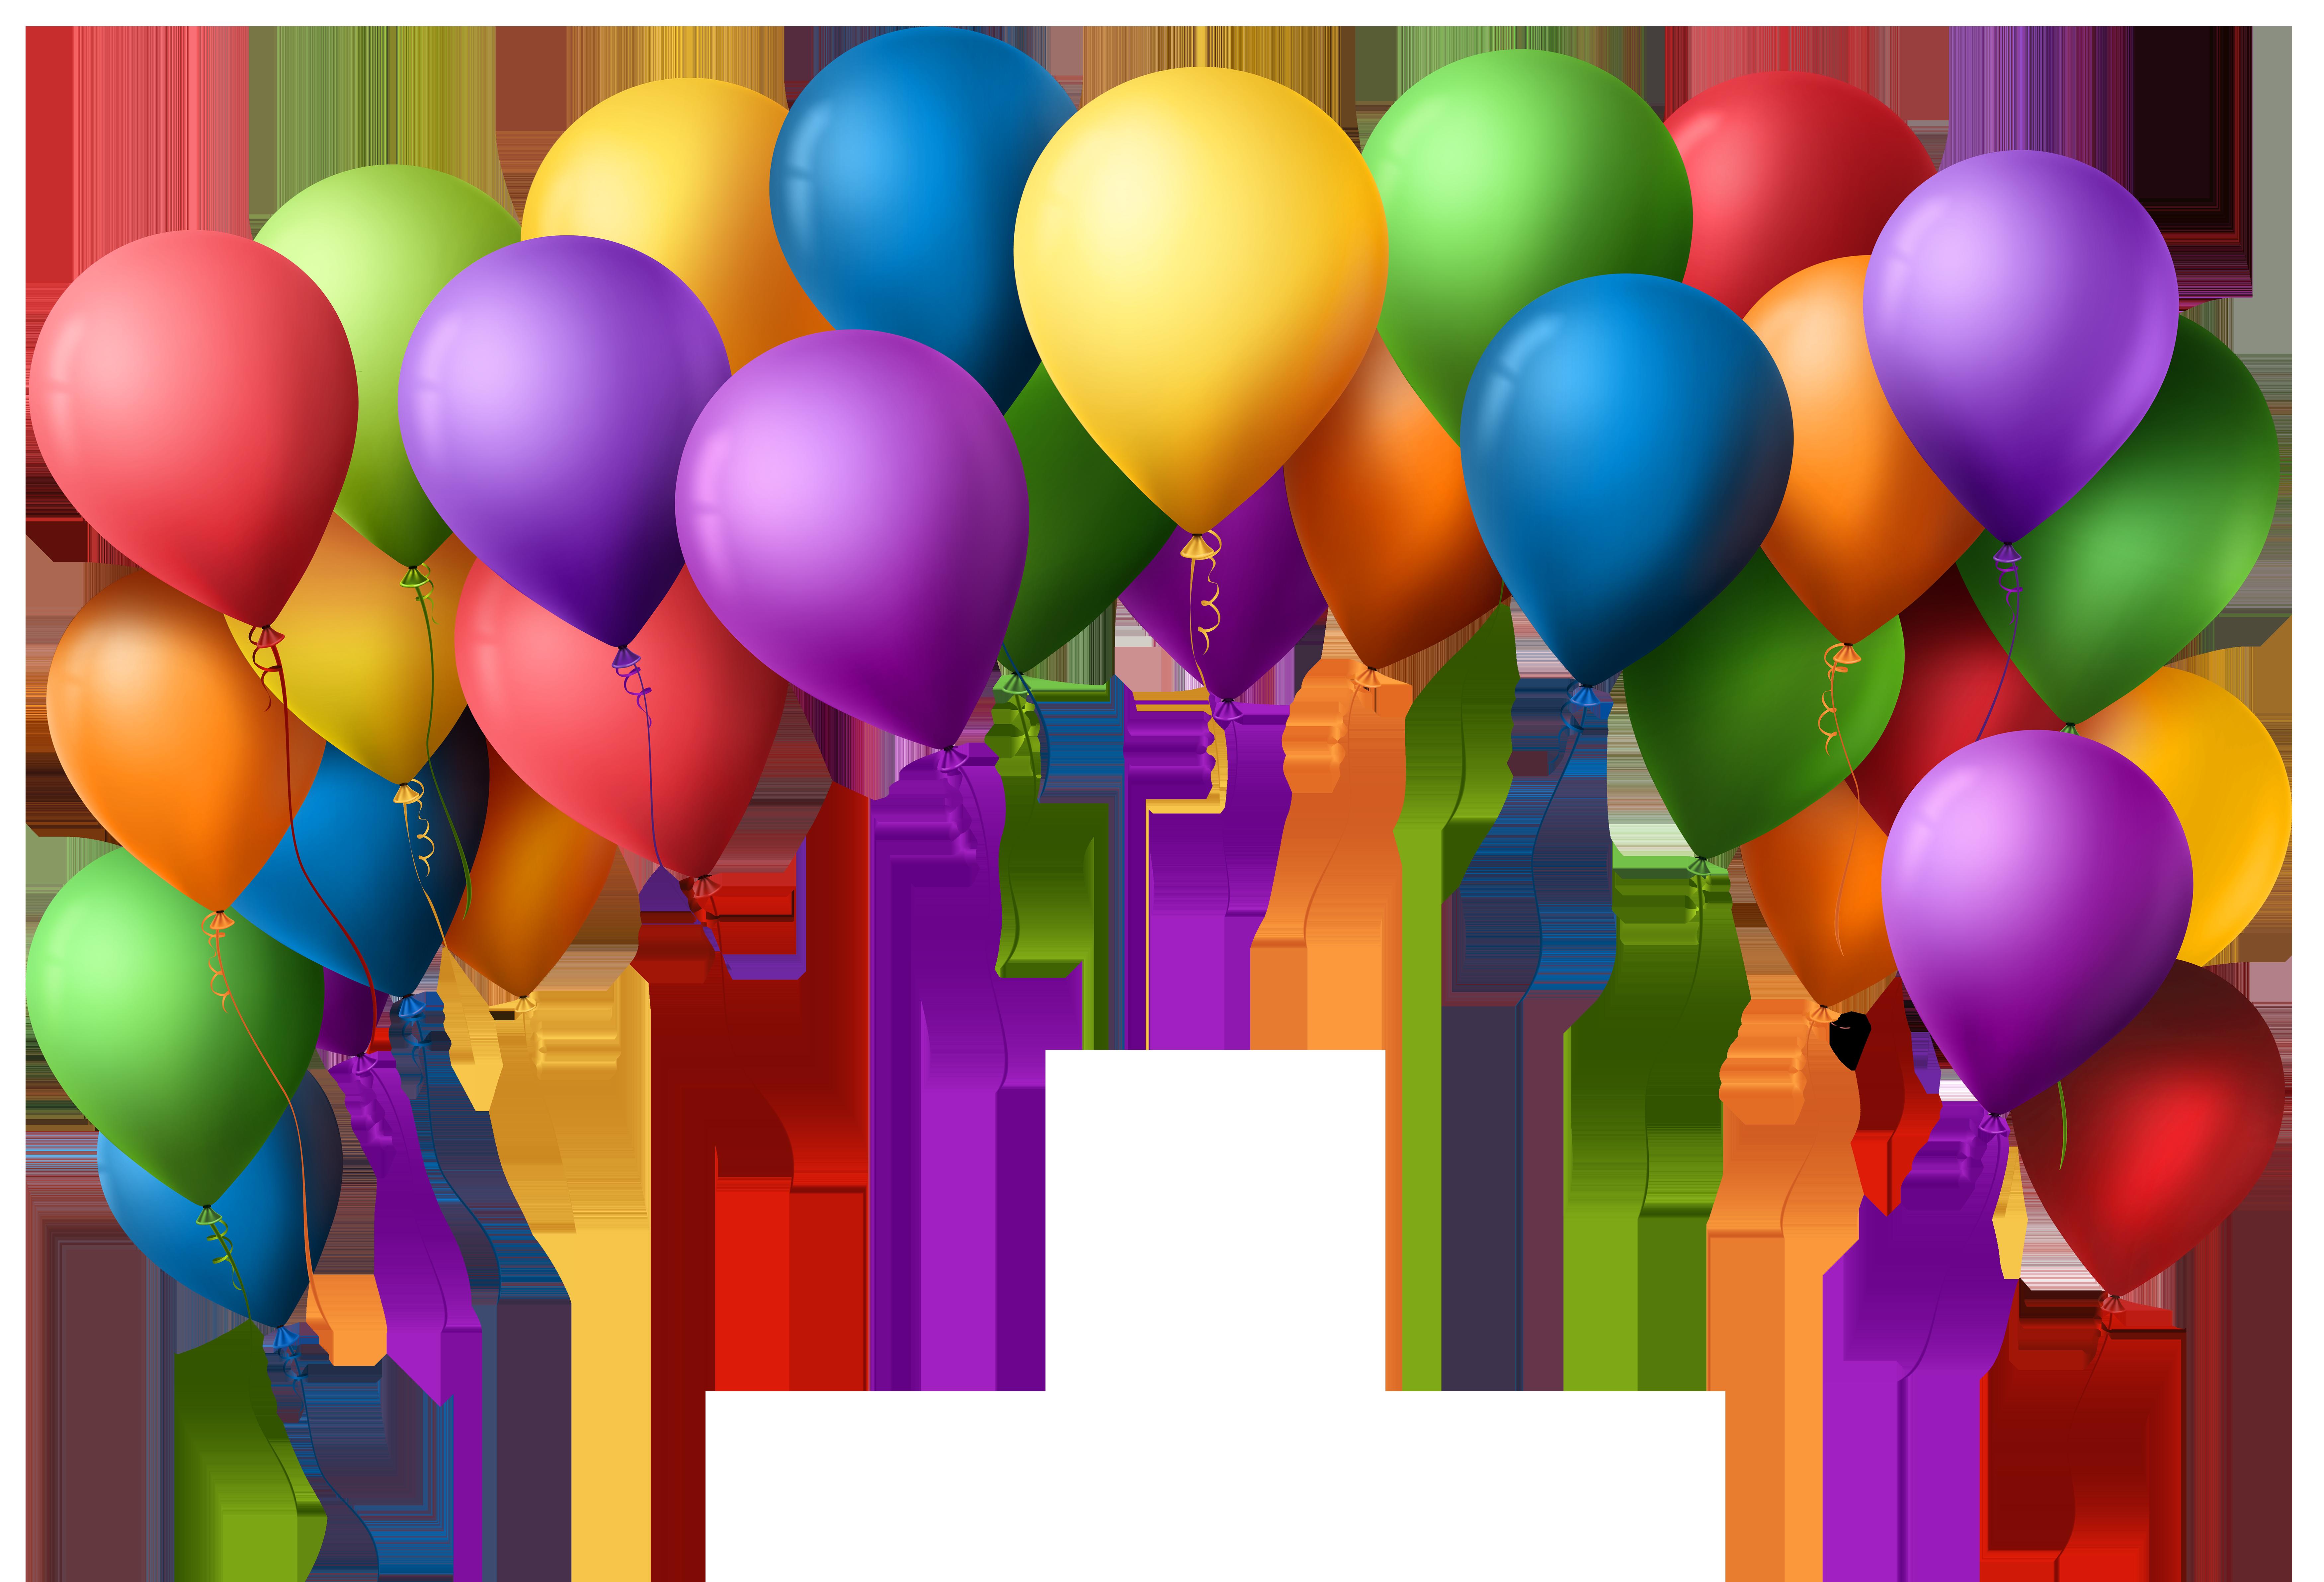 7000x4766 Balloon Arch Transparent Png Clip Art Imageu200b Gallery